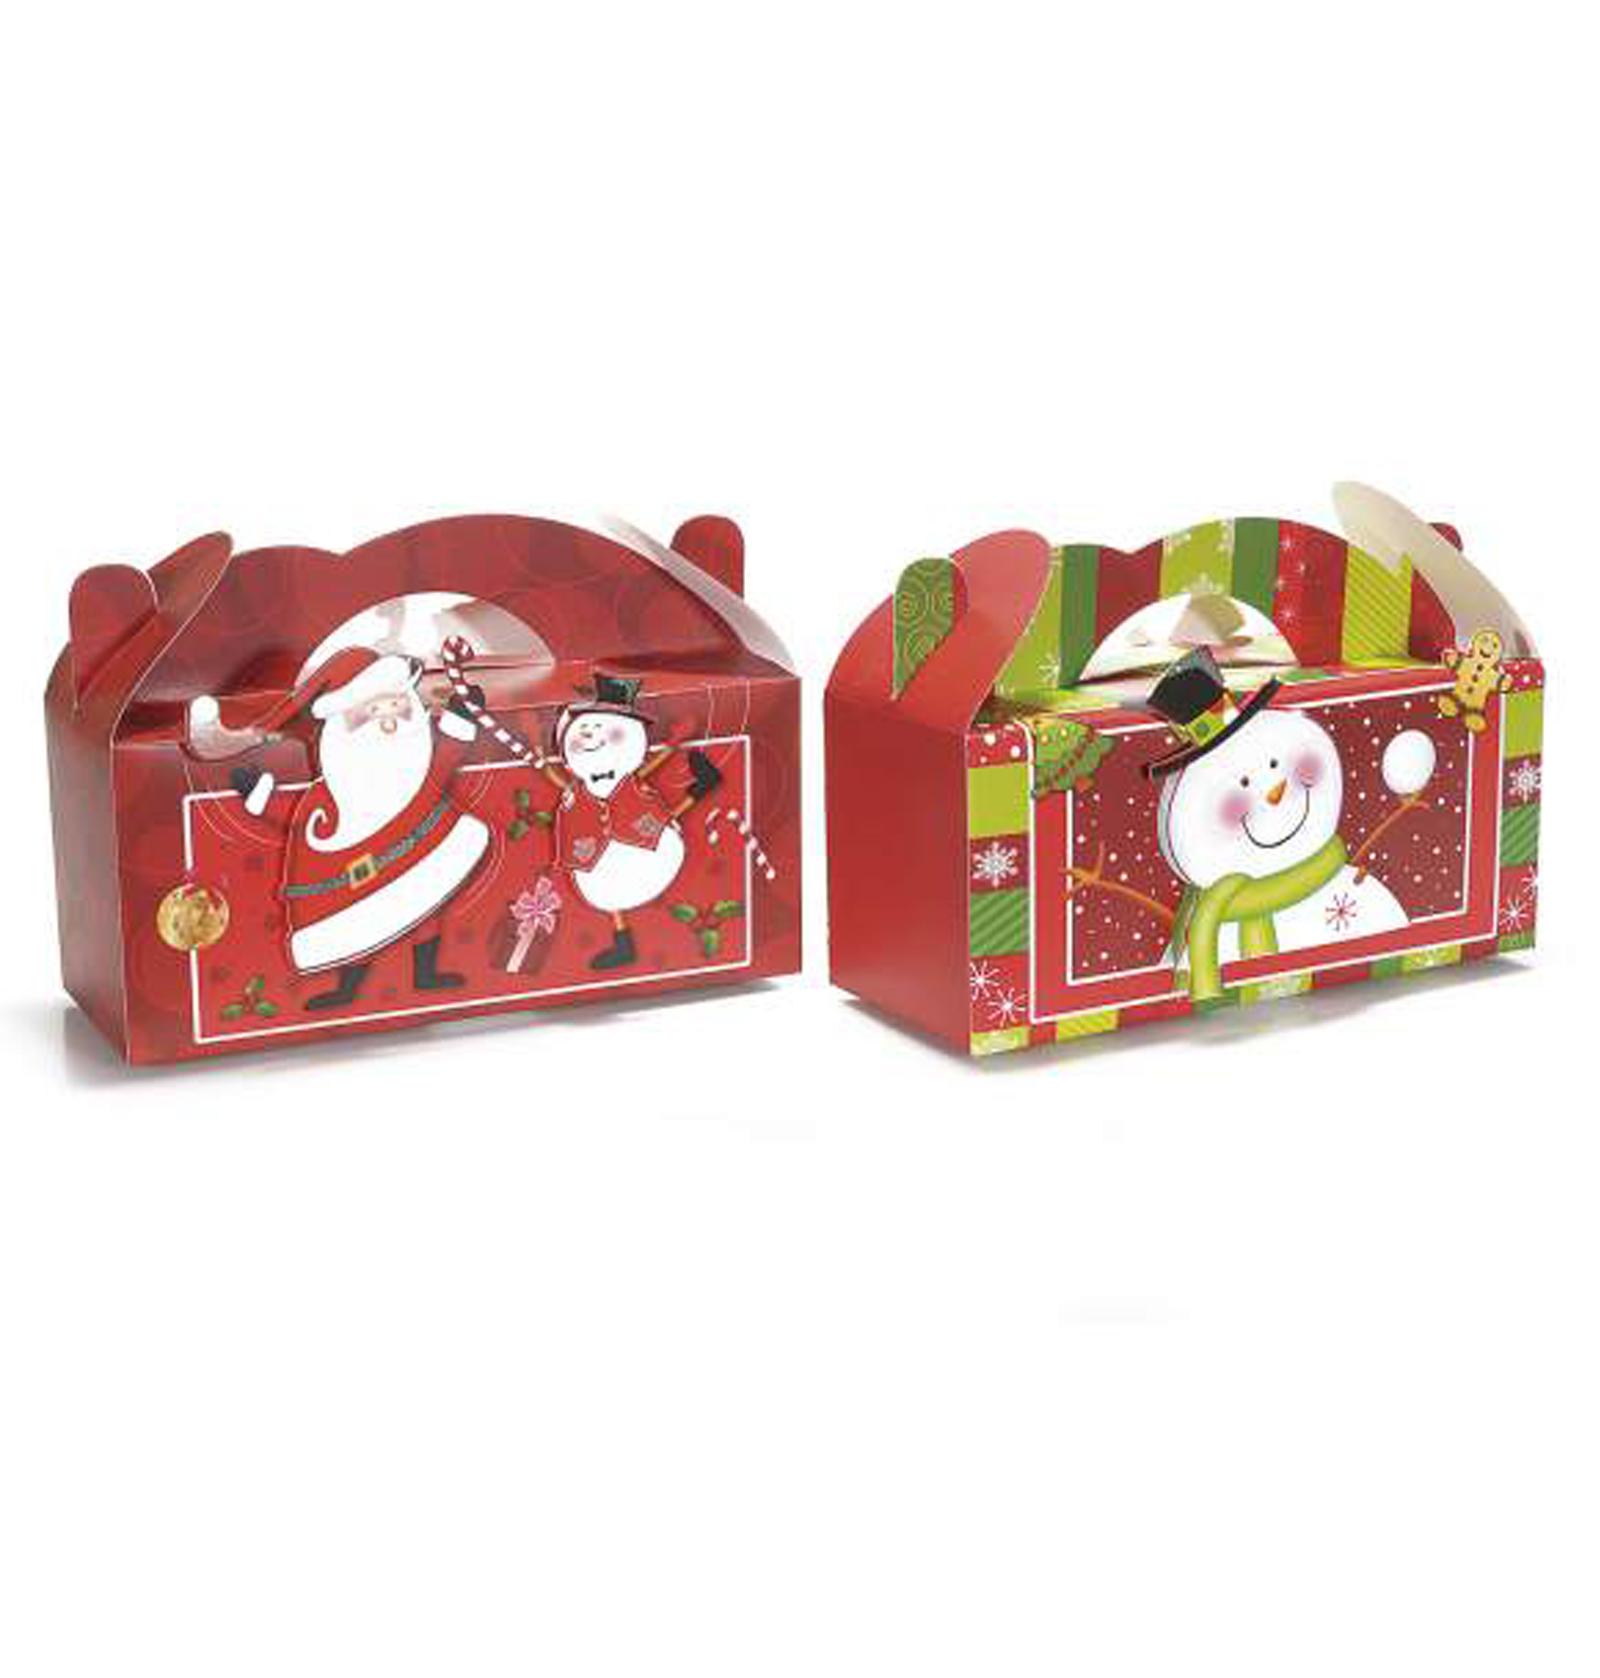 Ben noto Buste scatole e confezioni Natalizie, Scatole Discount.it  MD84